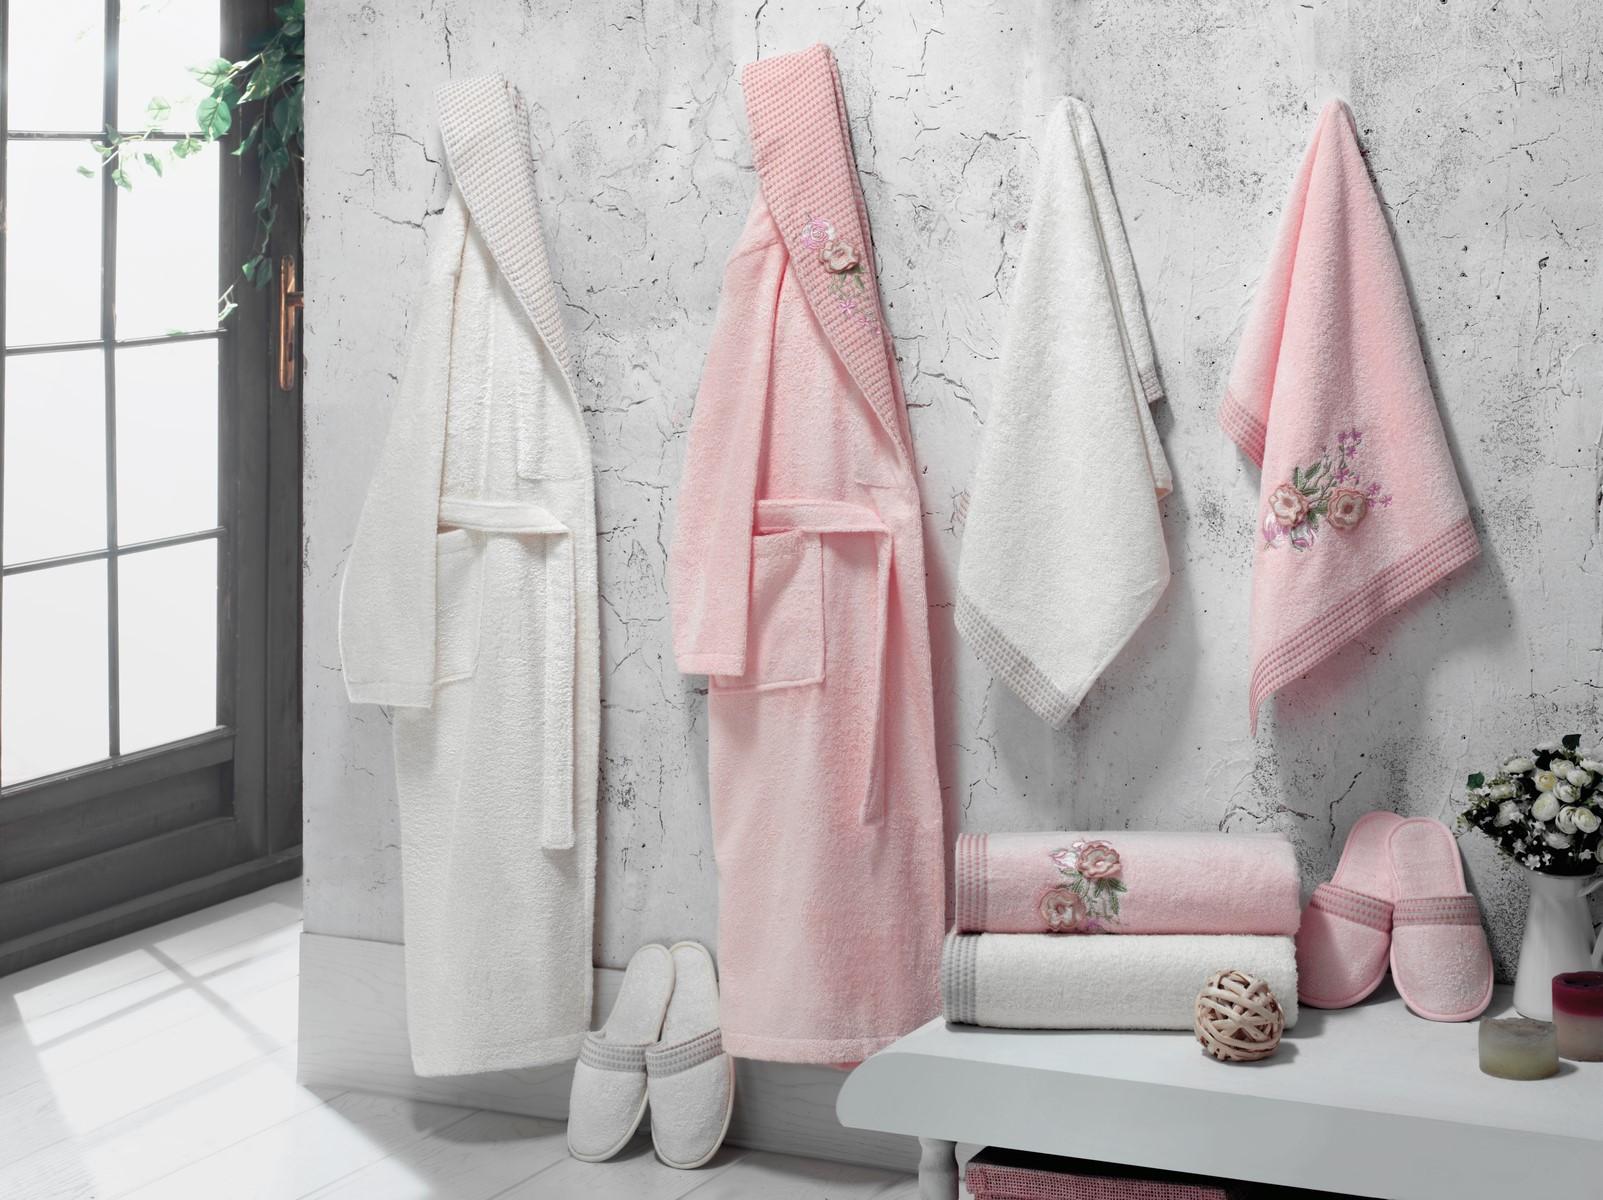 ensemble cap de bain pudra ekru meubles et d coration. Black Bedroom Furniture Sets. Home Design Ideas